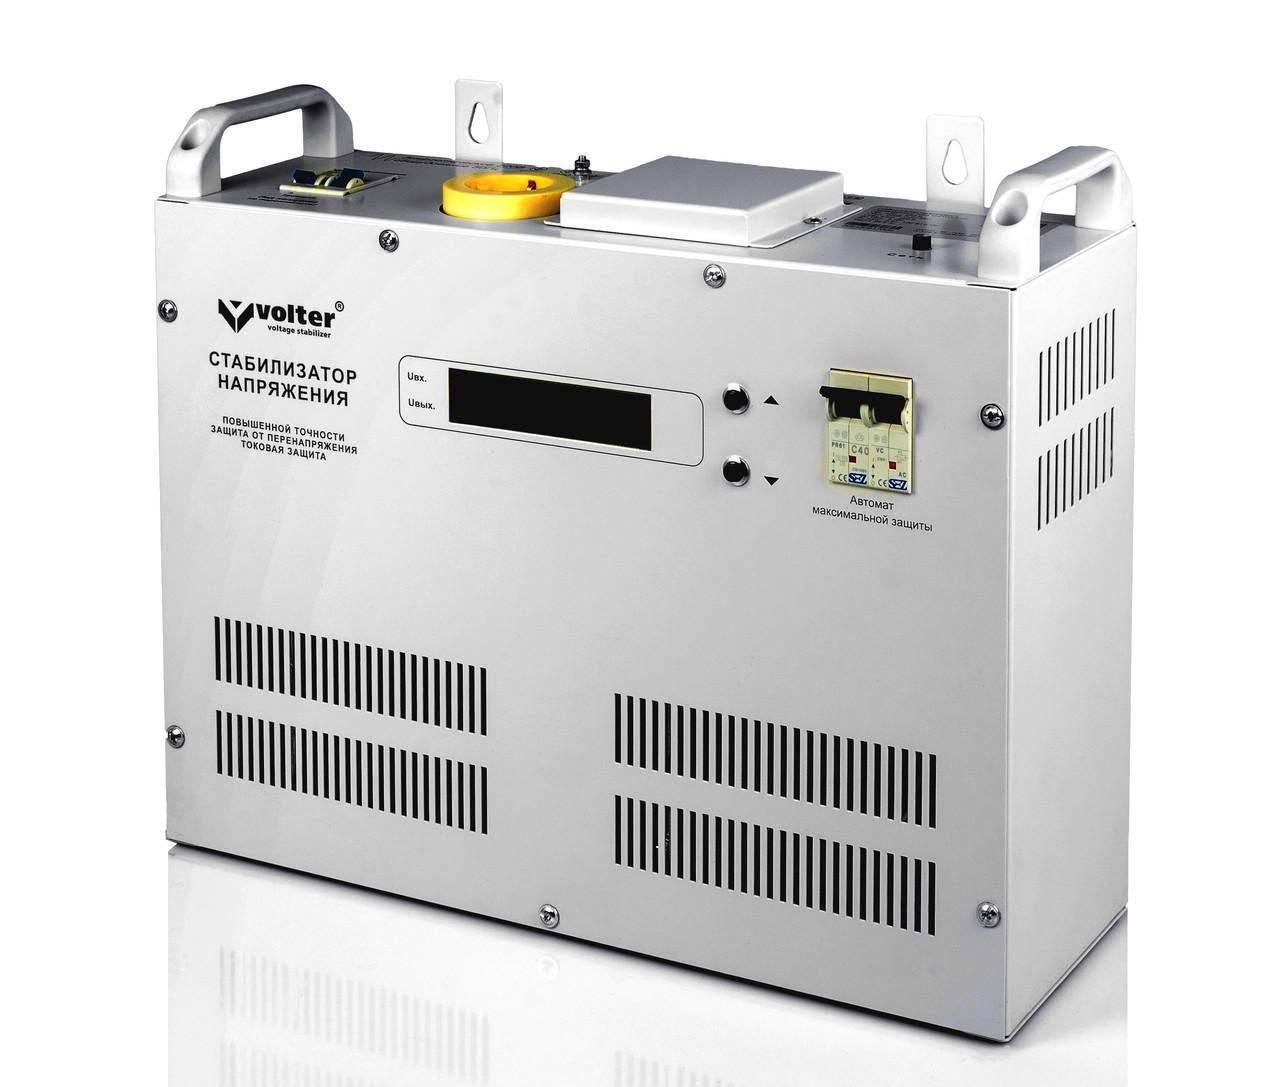 Электронный стабилизатор напряжения симисторный тип Volter-9 у микропроцессорное управление